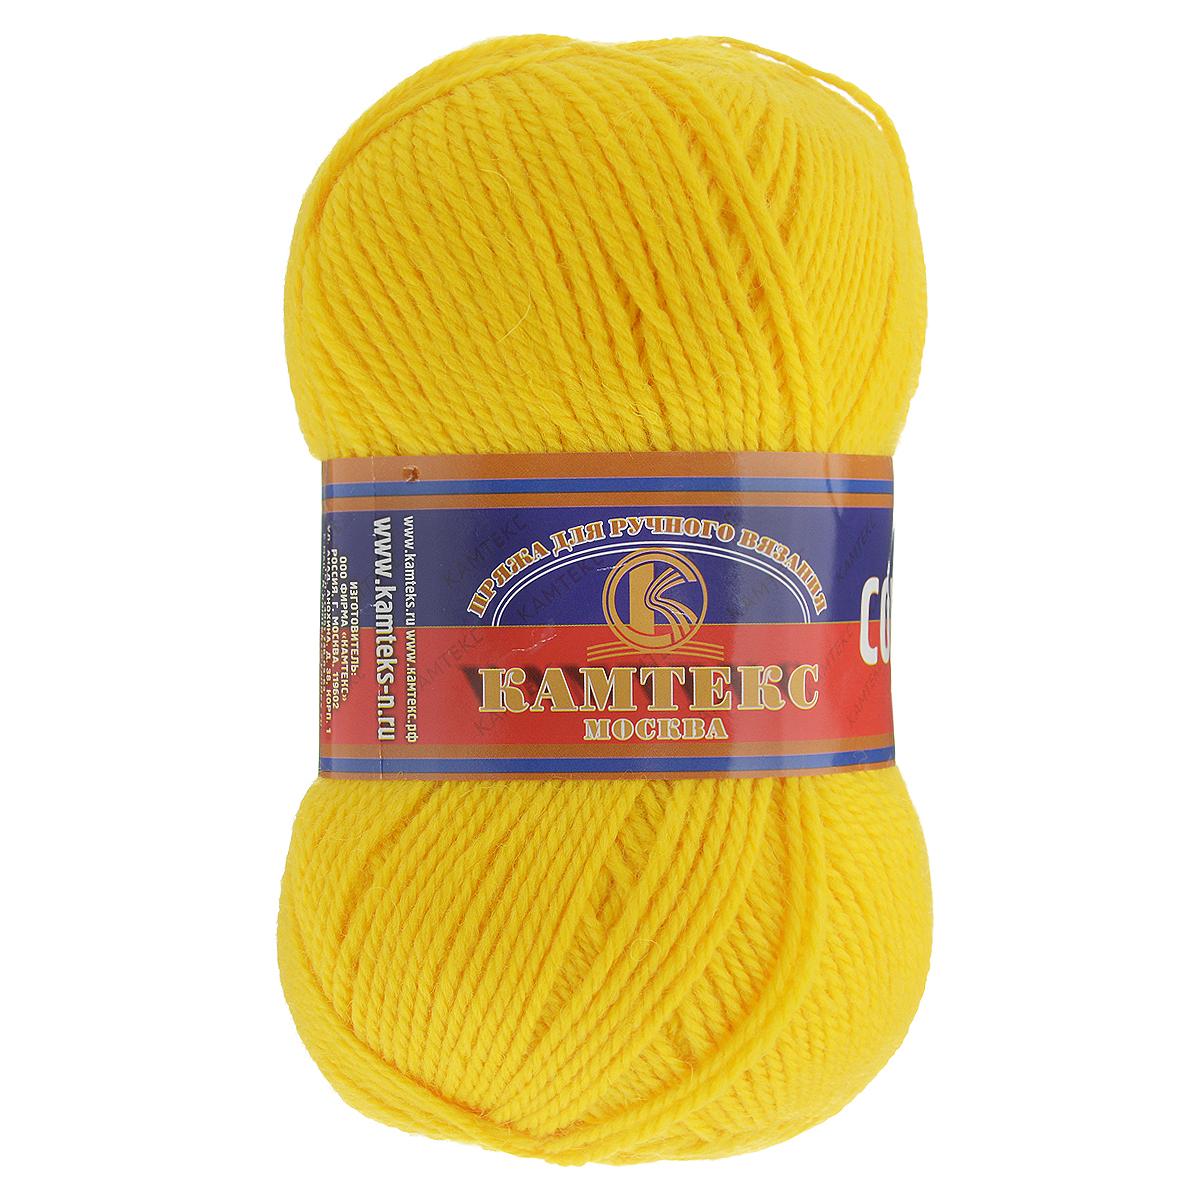 Пряжа для вязания Камтекс Соната, цвет: желтый (104), 250 м, 100 г, 10 шт136030_104Пряжа для вязания Камтекс Соната изготовлена из 50% шерсти, 50% акрила. Она вяжется легко и свободно, имеет богатую цветовую гамму от теплых пастельных тонов до ярких и смелых оттенков. Ворсистая ниточка ровно складывается в полотно, которое имеет минимальный процент усадки. Из пряжи Соната прекрасно вяжутся теплые туники, жилеты, свитера, платья и многие другие изделия. Рекомендуемые для вязания спицы и крючки 3-5 мм. Состав: 50% шерсть, 50% акрил. Комплектация: 10 шт. Толщина нити: 2 мм.